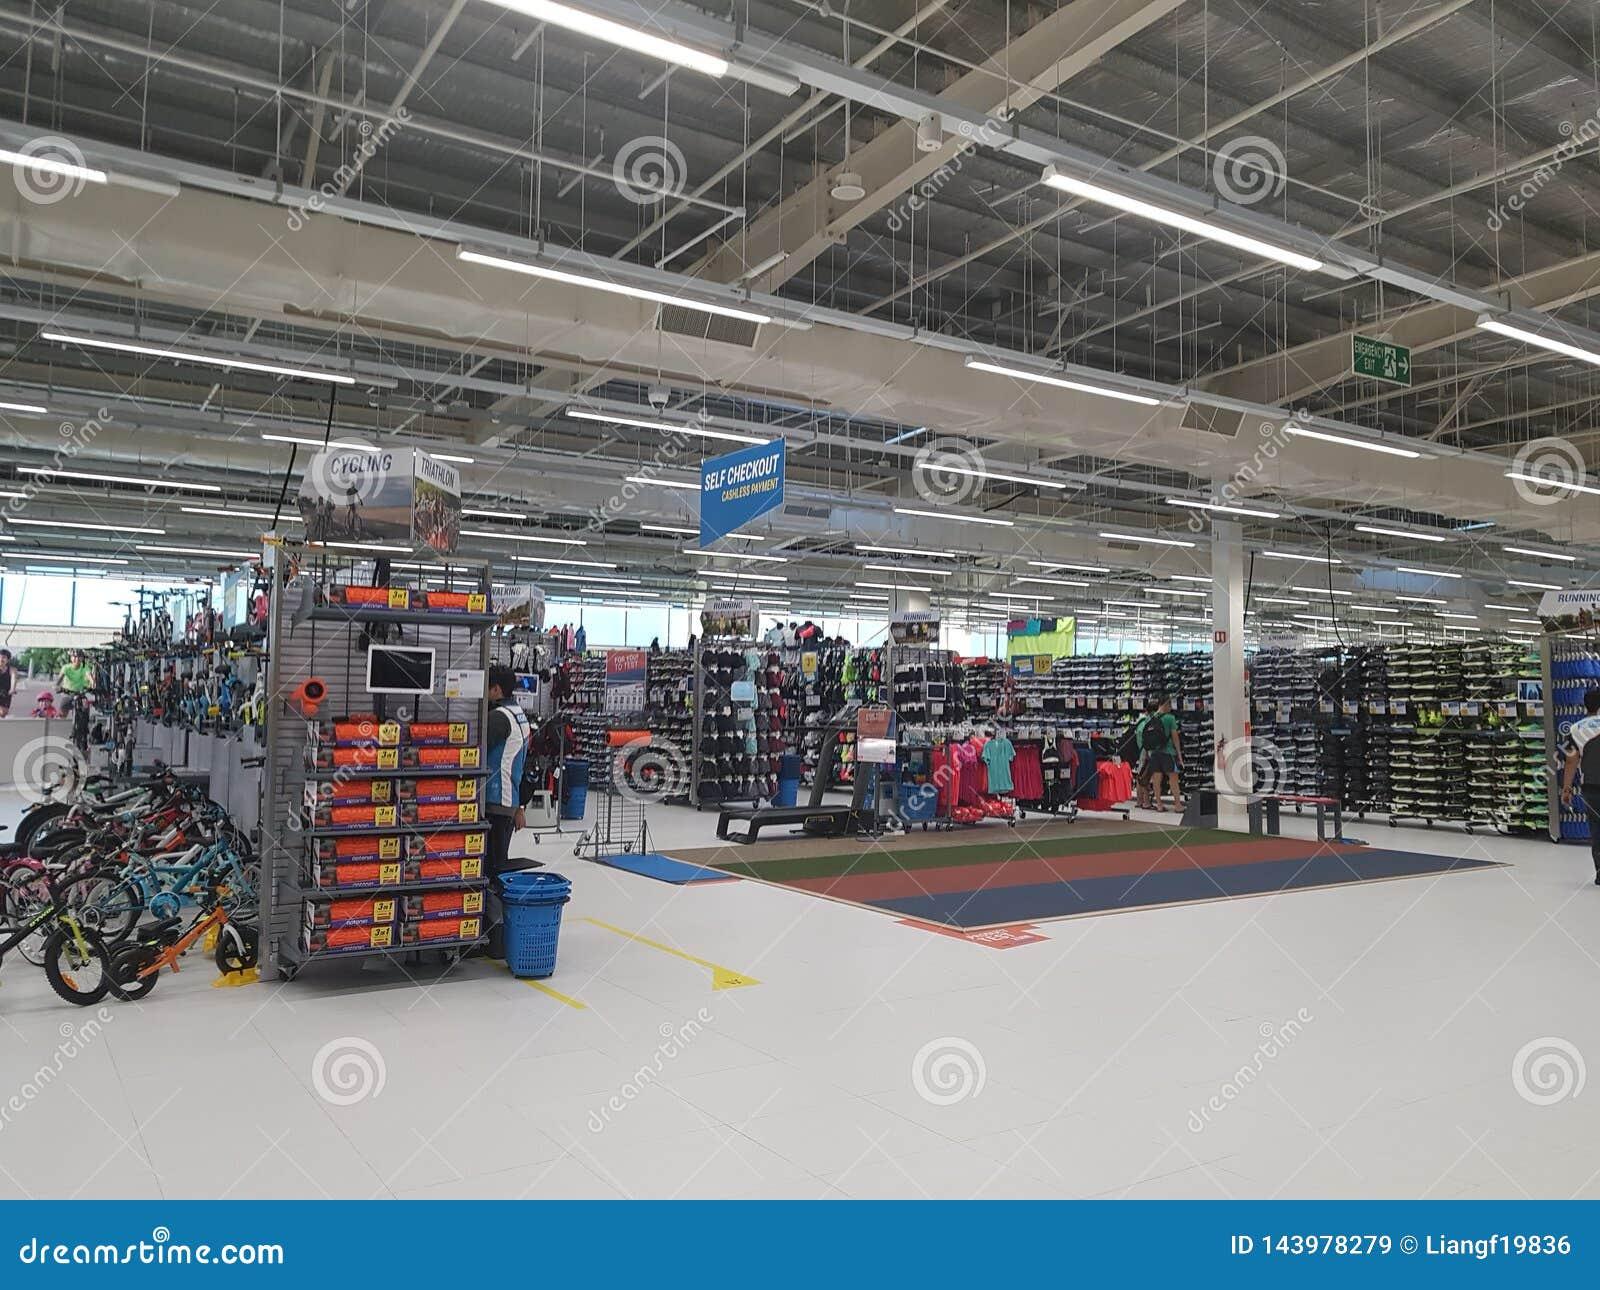 cheap sport shop